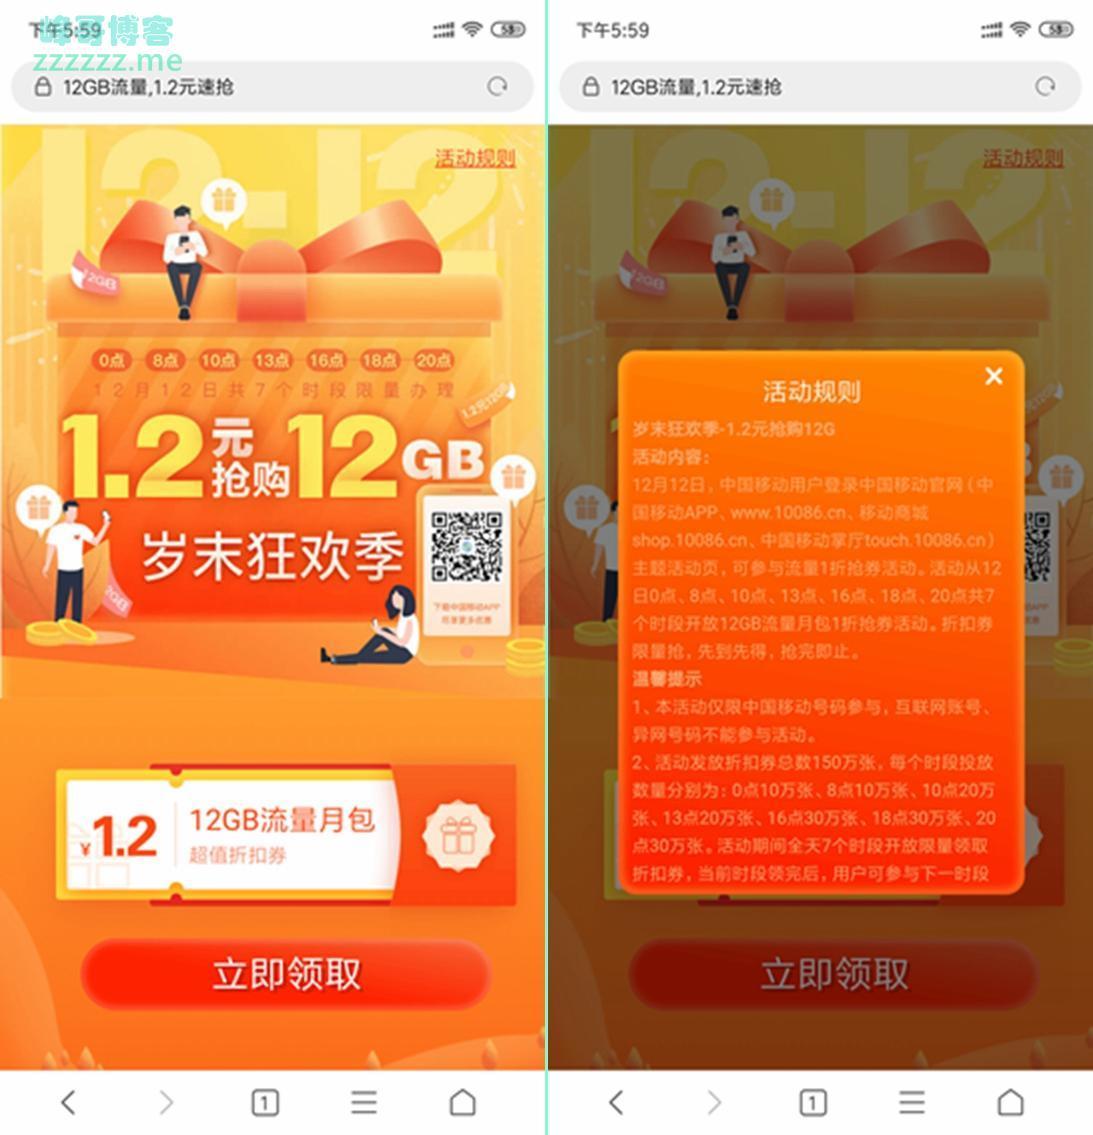 中国移动1.2元开通12GB全国通用手机流量月包